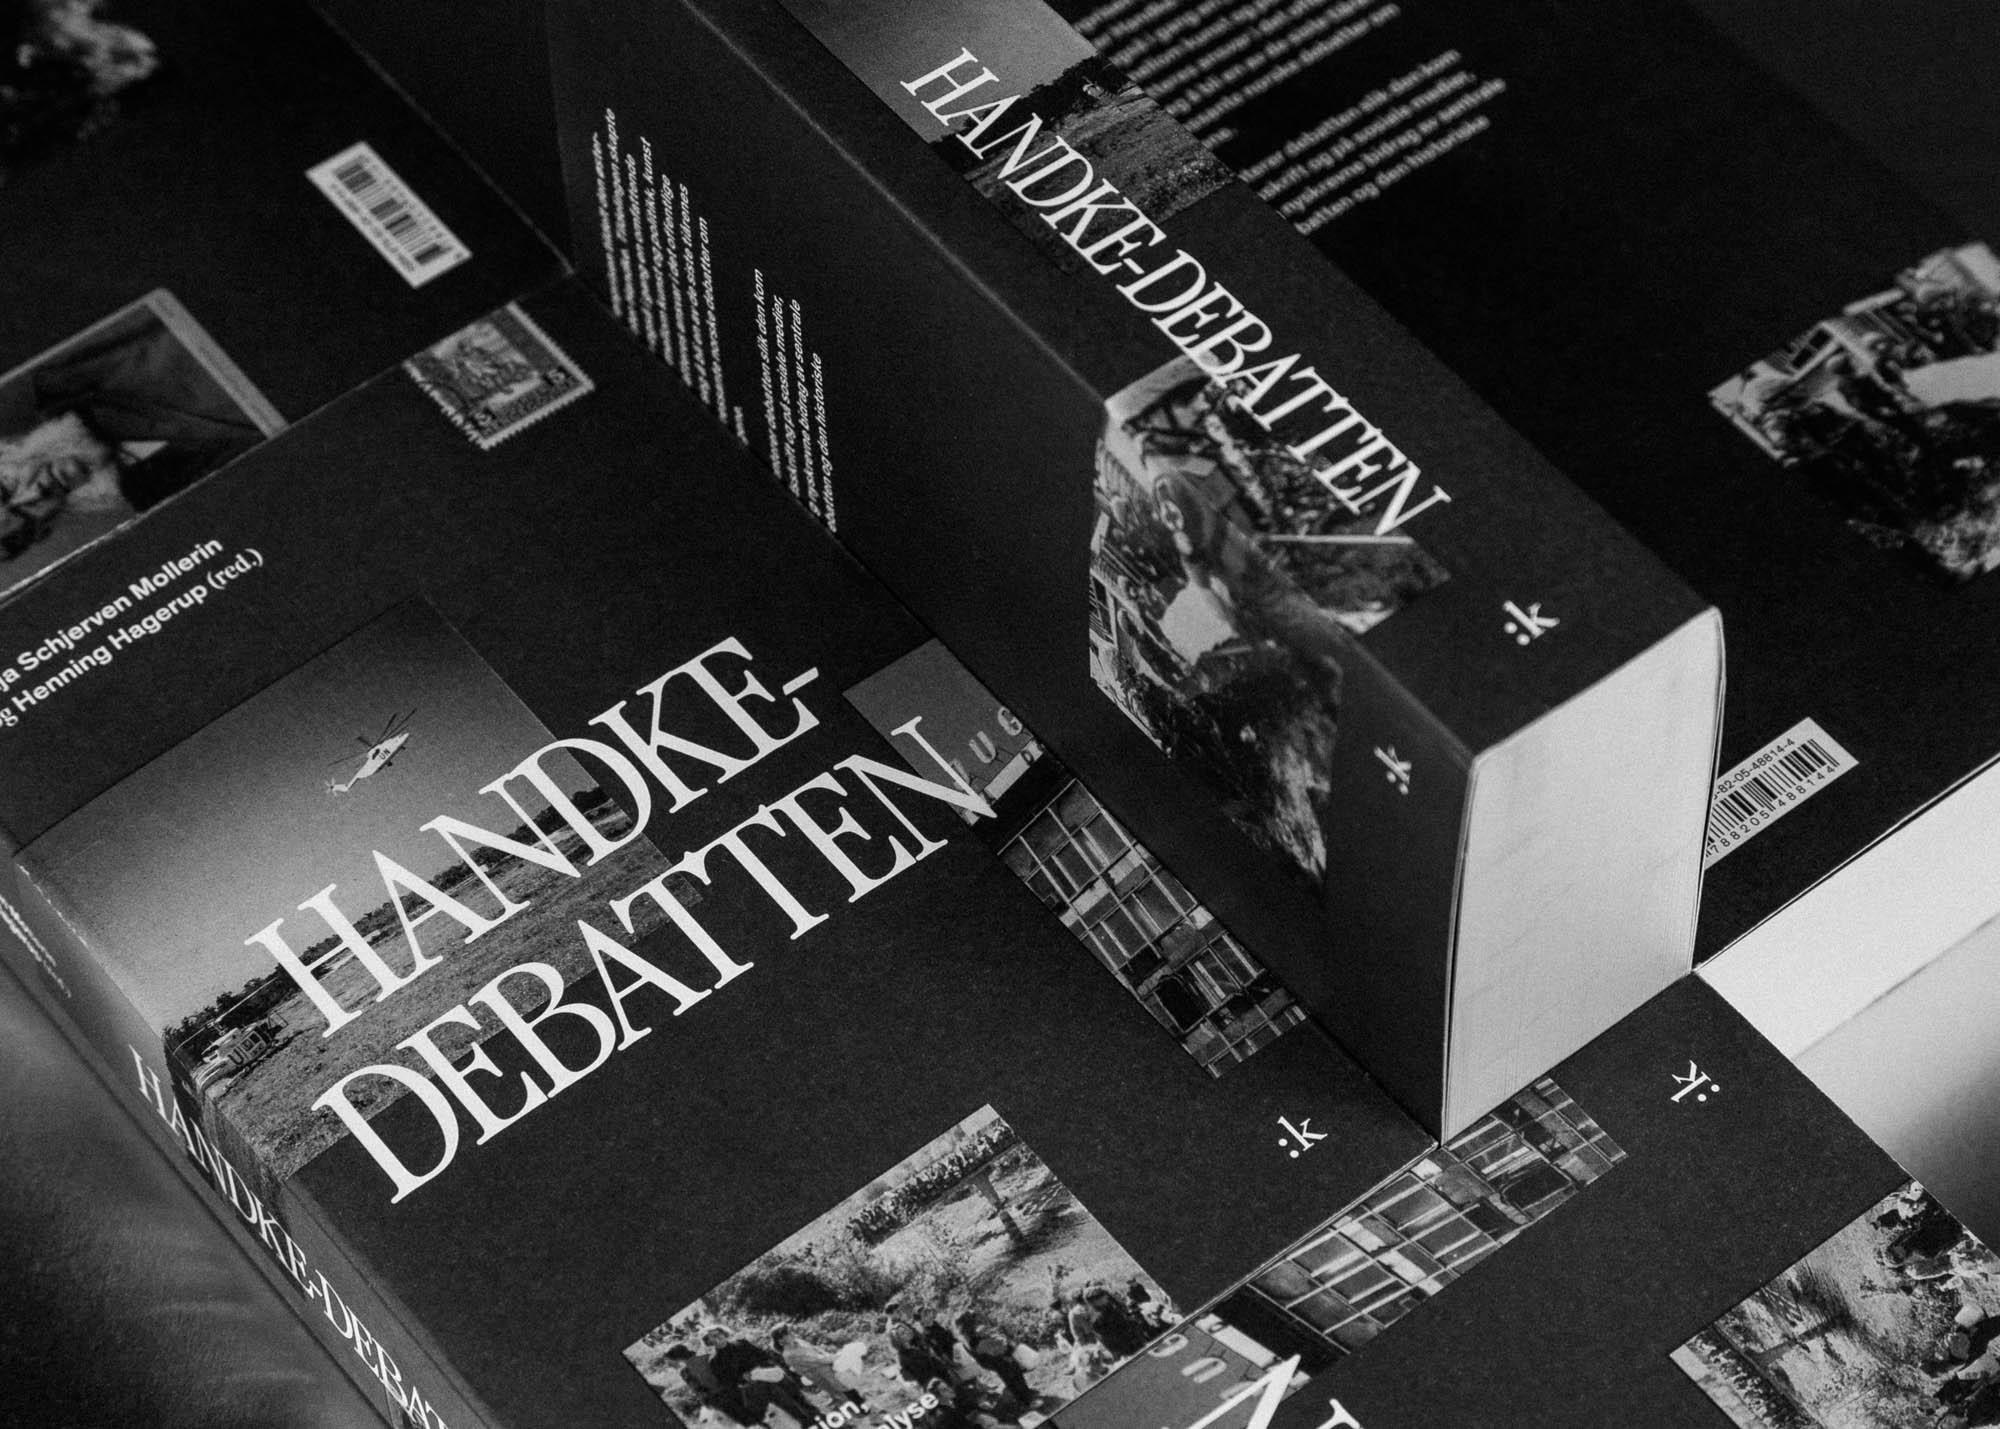 Handke-debatten book